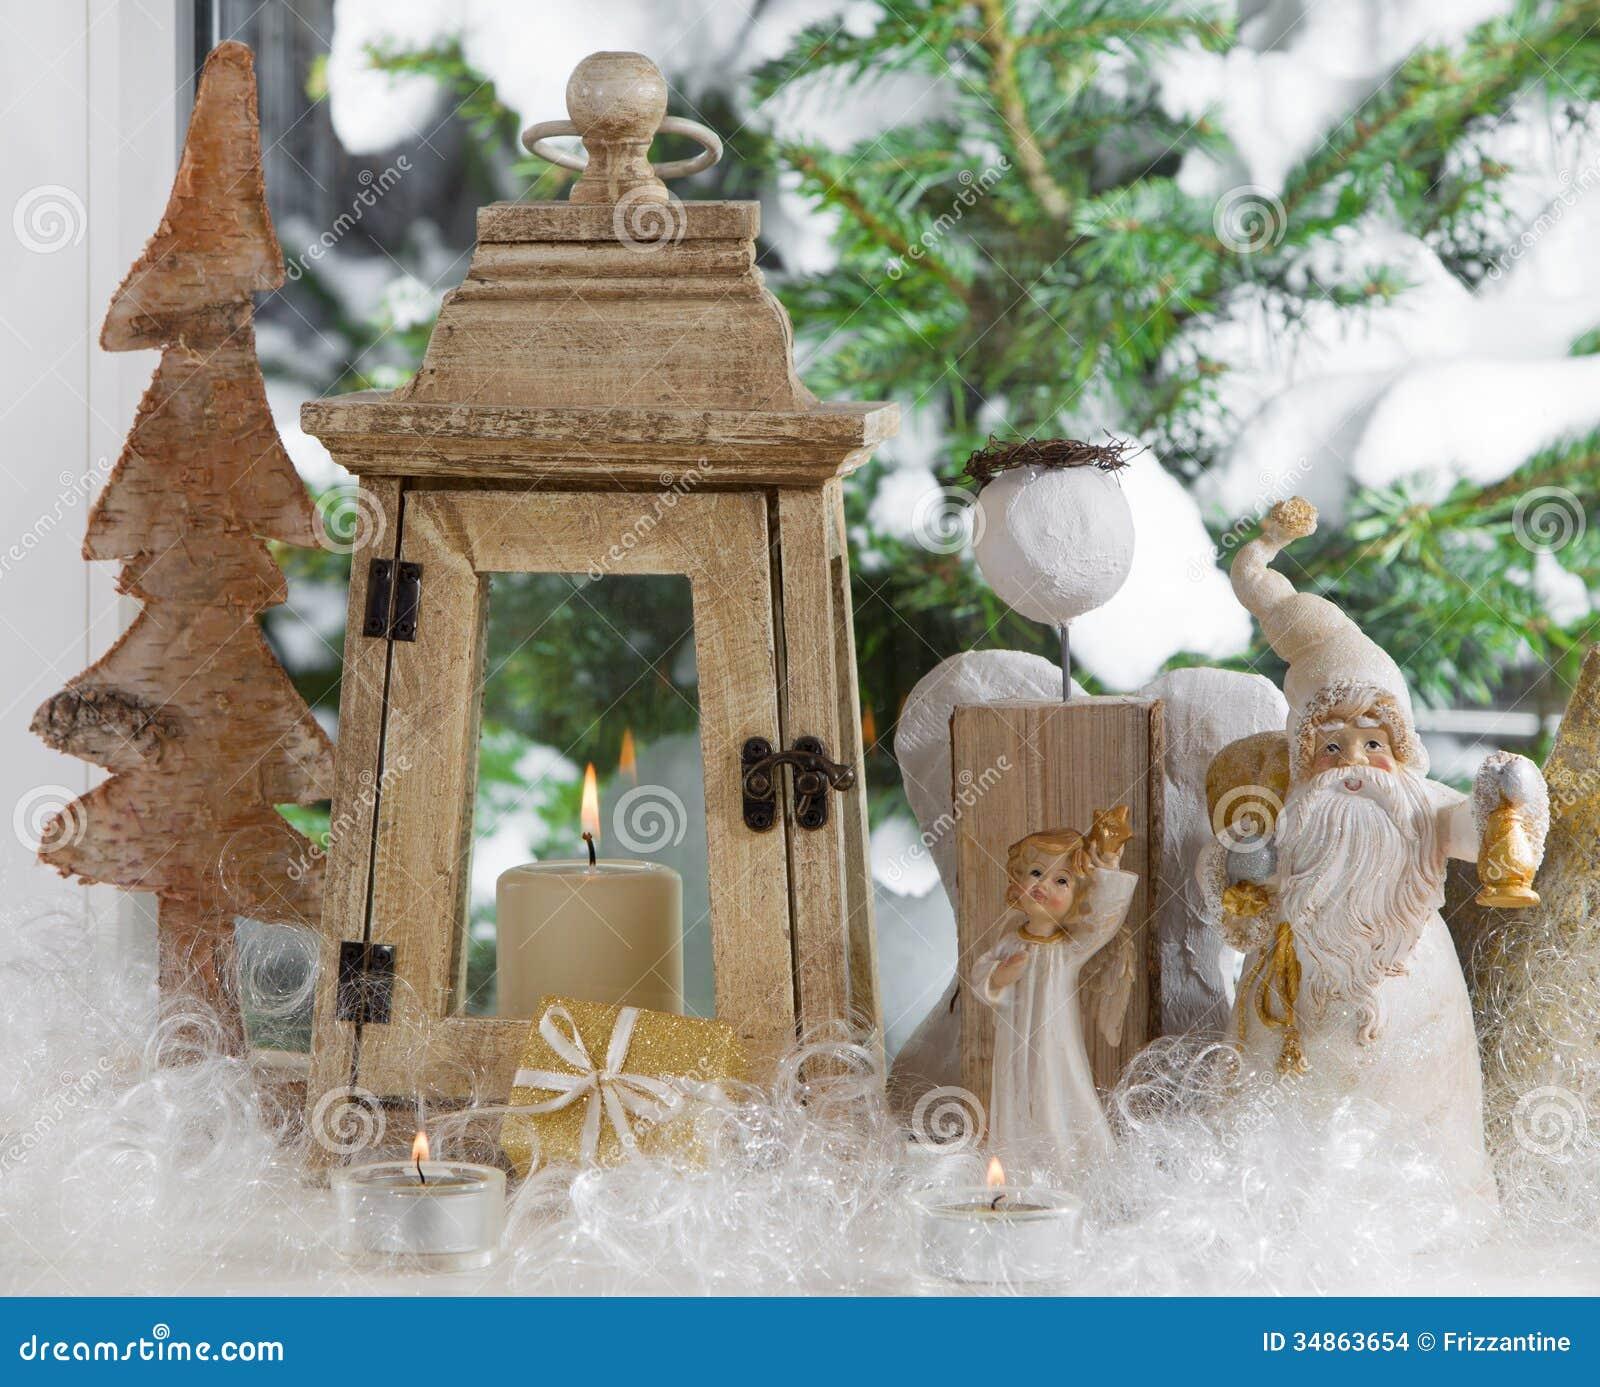 Peitoril da janela decorado com anjos do natal lanterna e um pinho imagens de stock imagem - Finestre decorate per natale ...